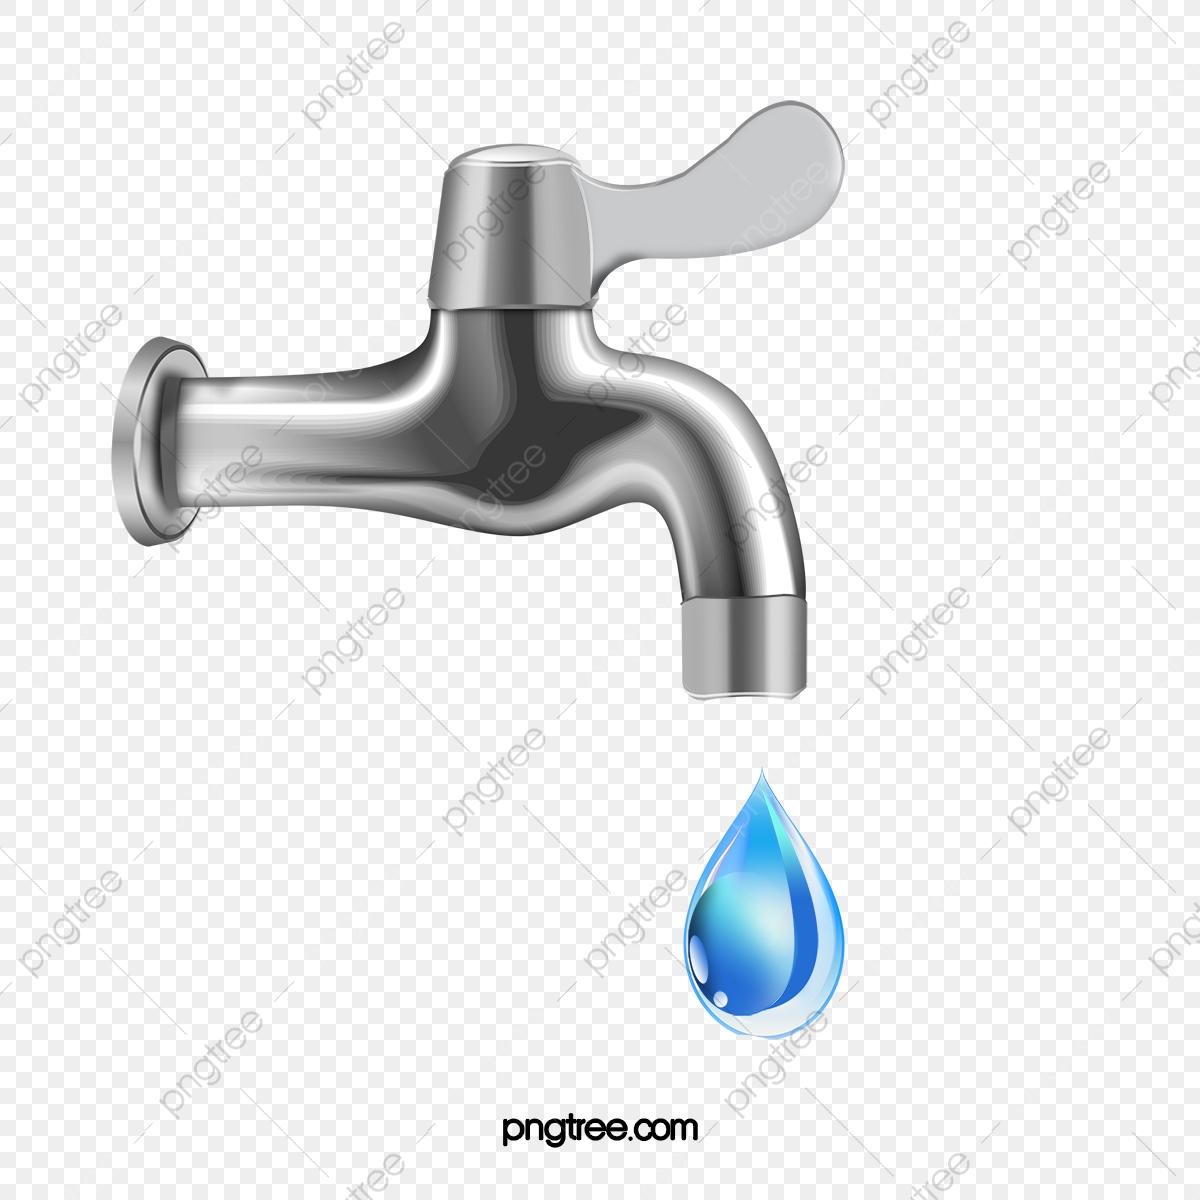 Faucet clipart drop. Drops png transparent image